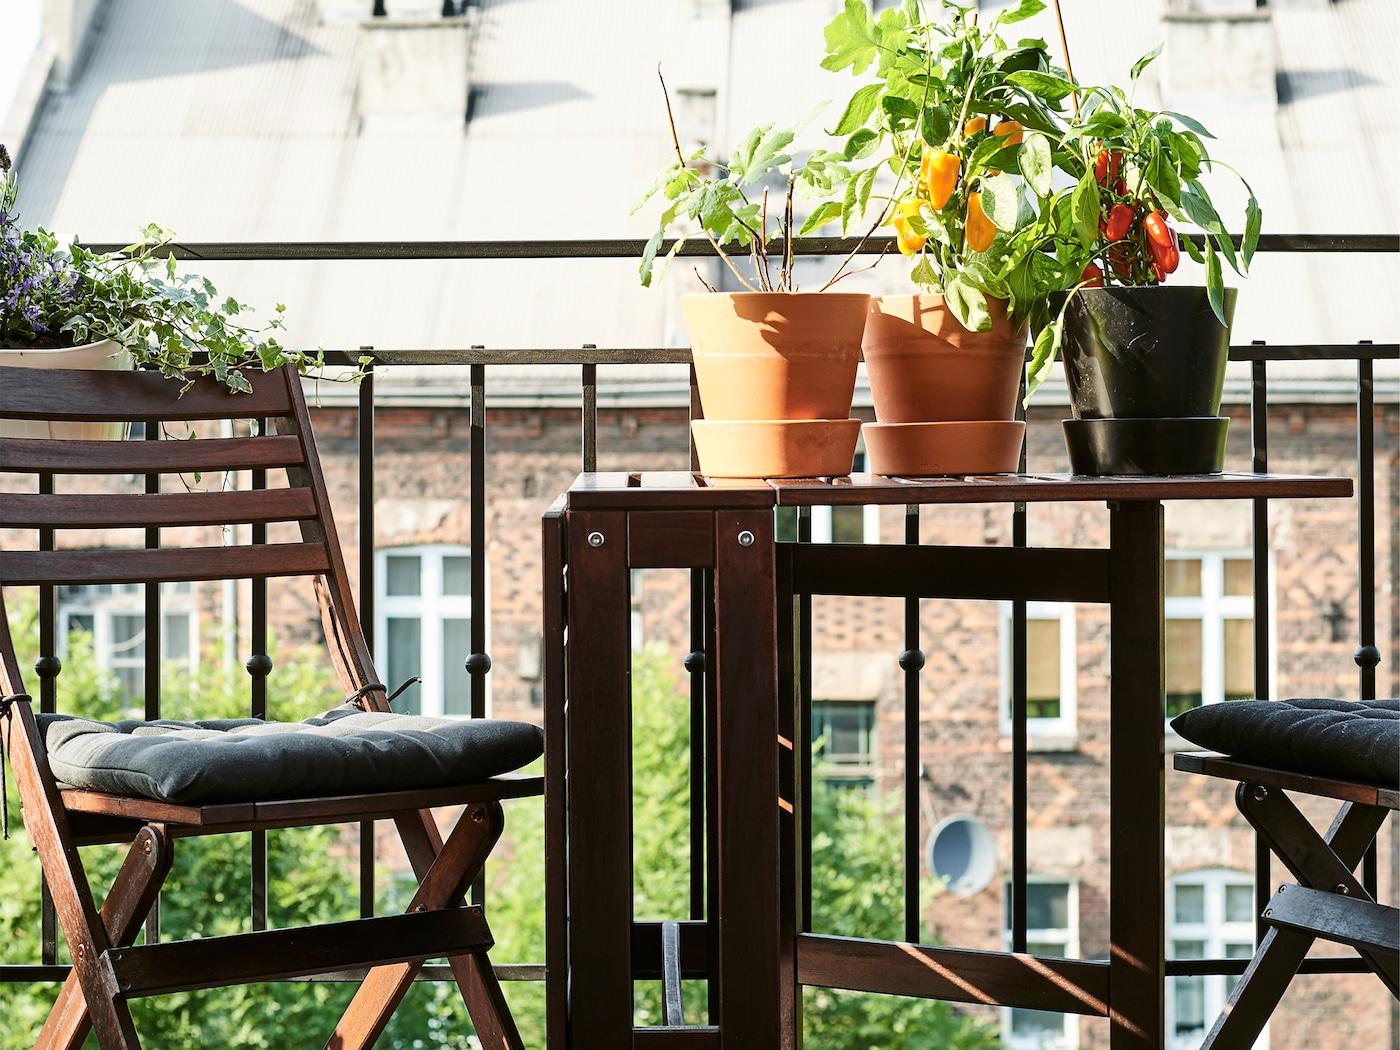 Skládací stůl a židle na balkoně se sazenicemi.